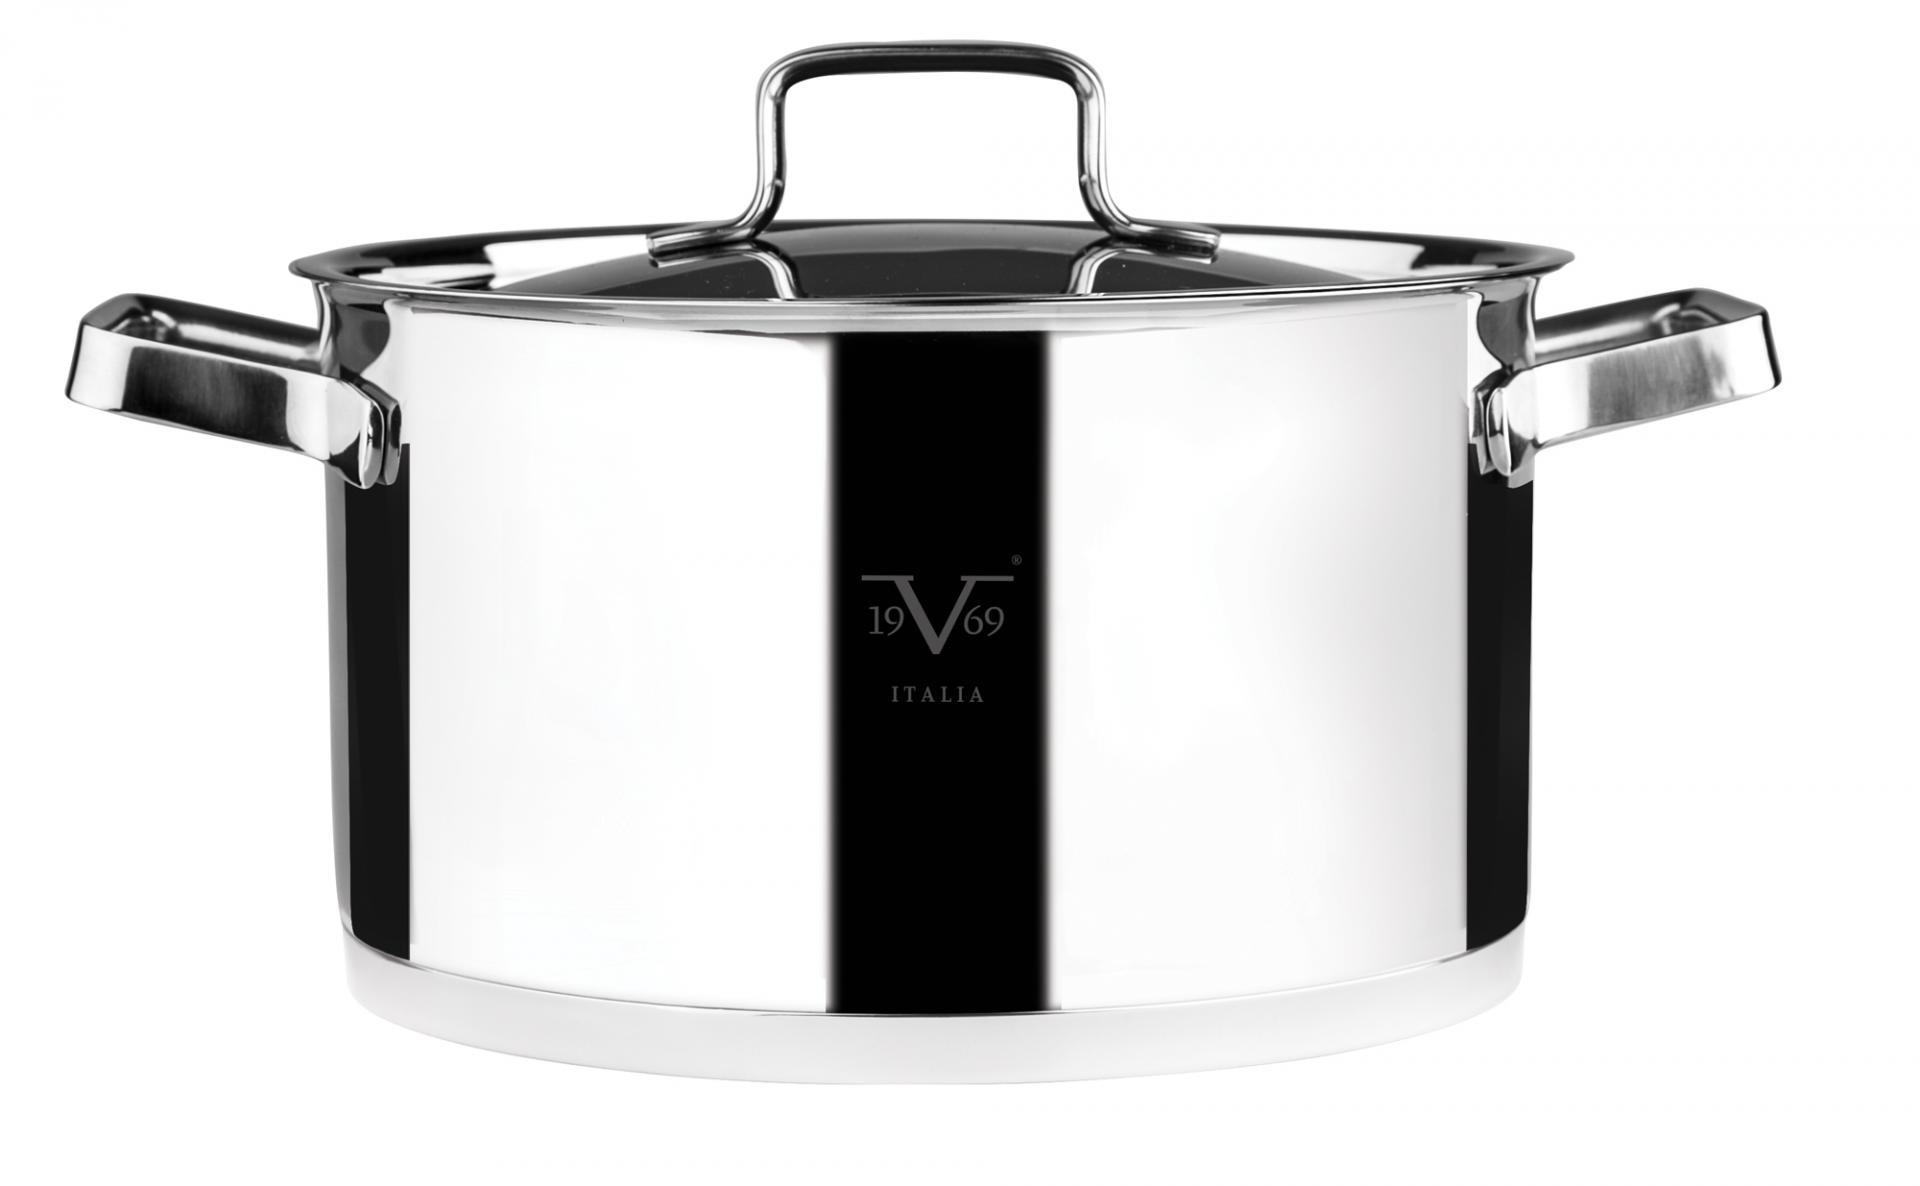 Χύτρα Opera 22cm Versace 19V69 Italia home   σκευη μαγειρικης   κατσαρόλες χύτρες